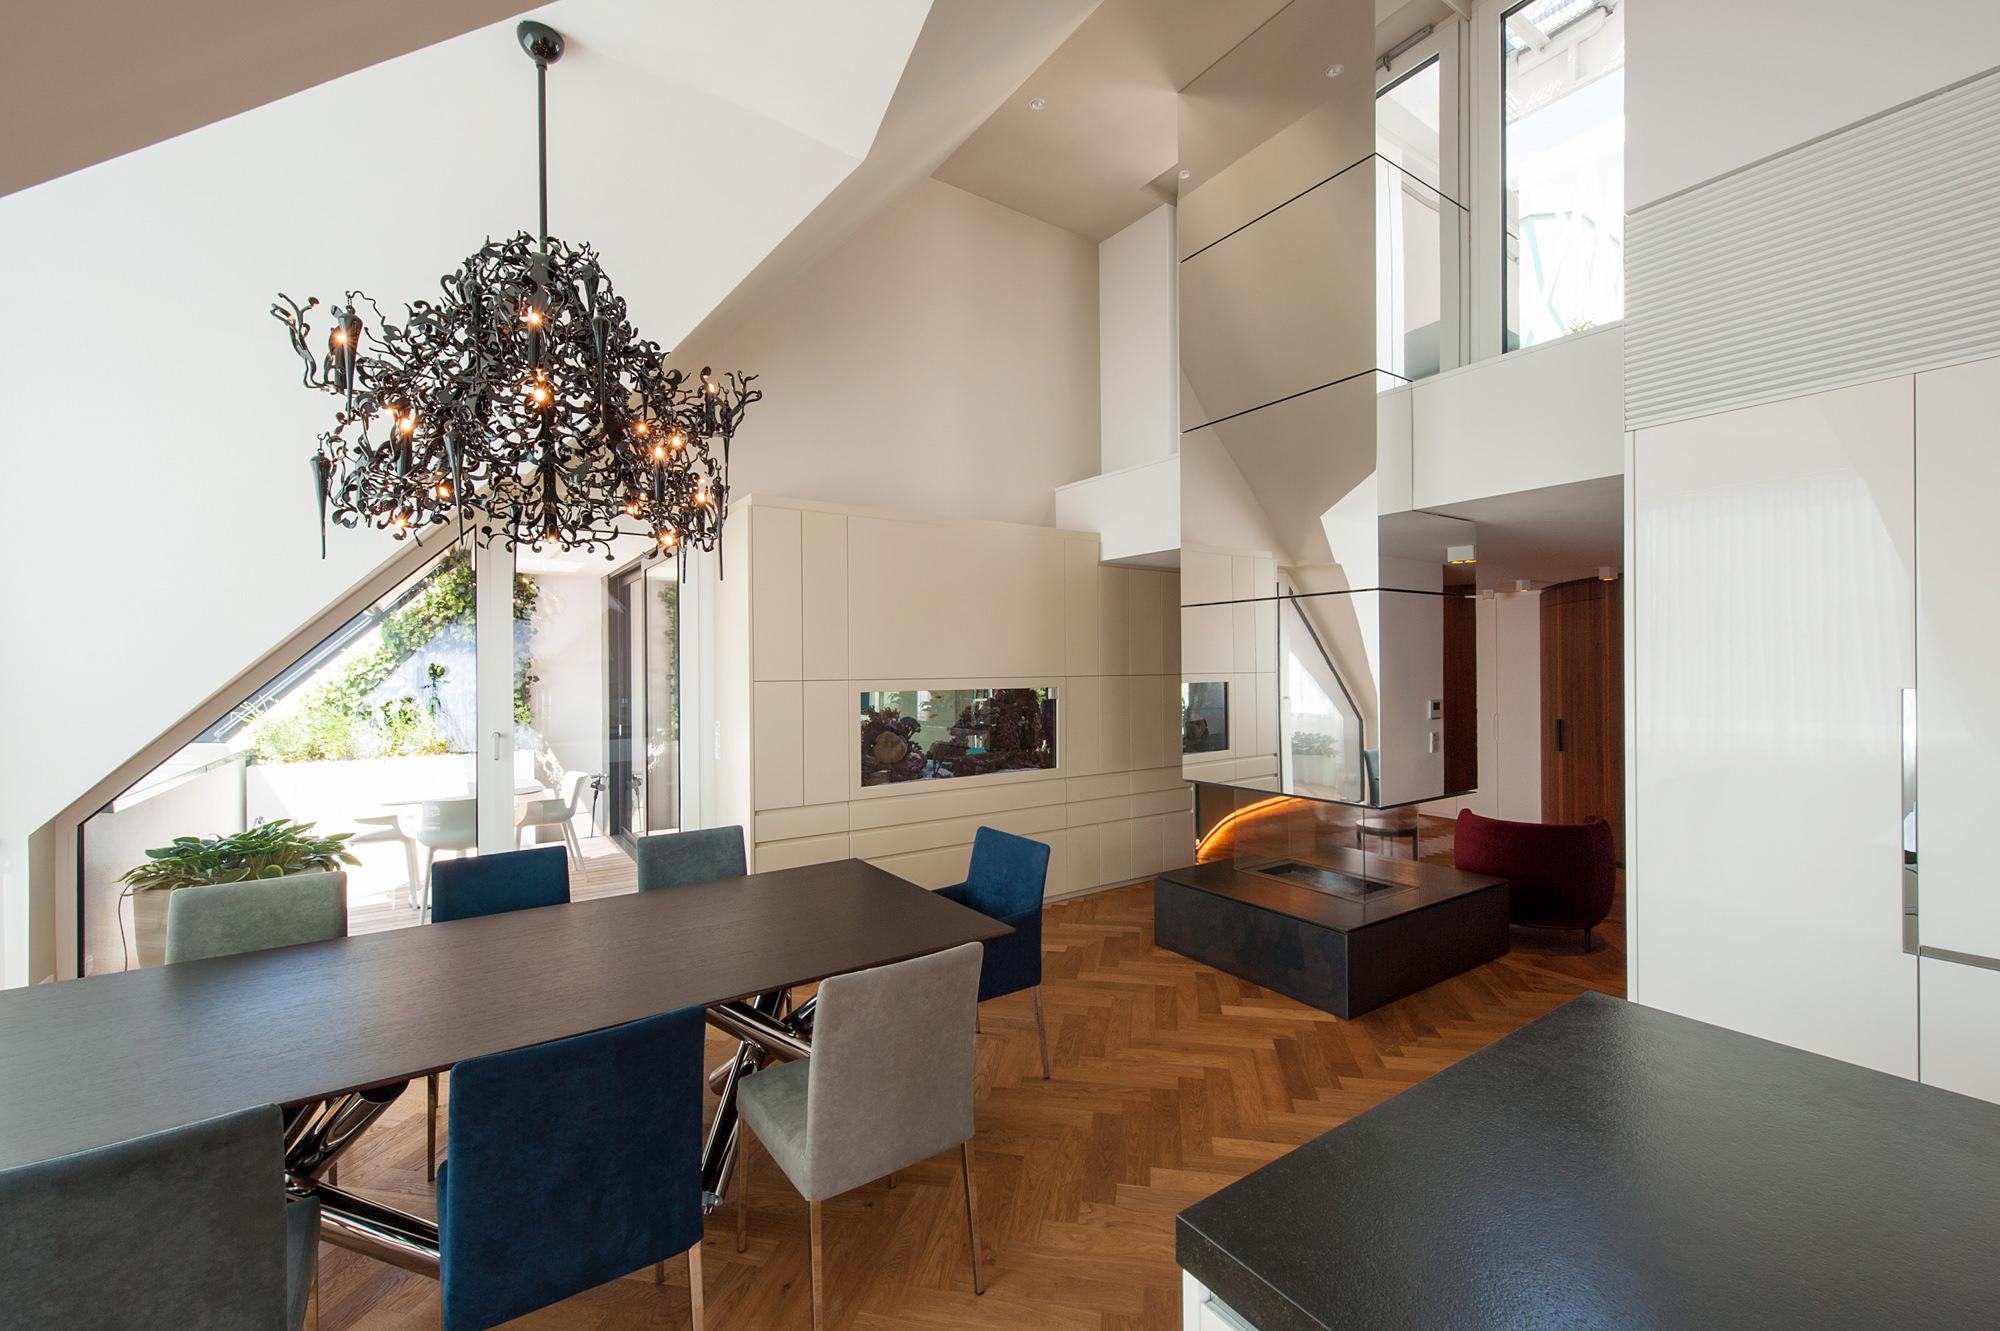 penthouse b 04 dachausbau mit terrasse 1070 wien junger beer architektur